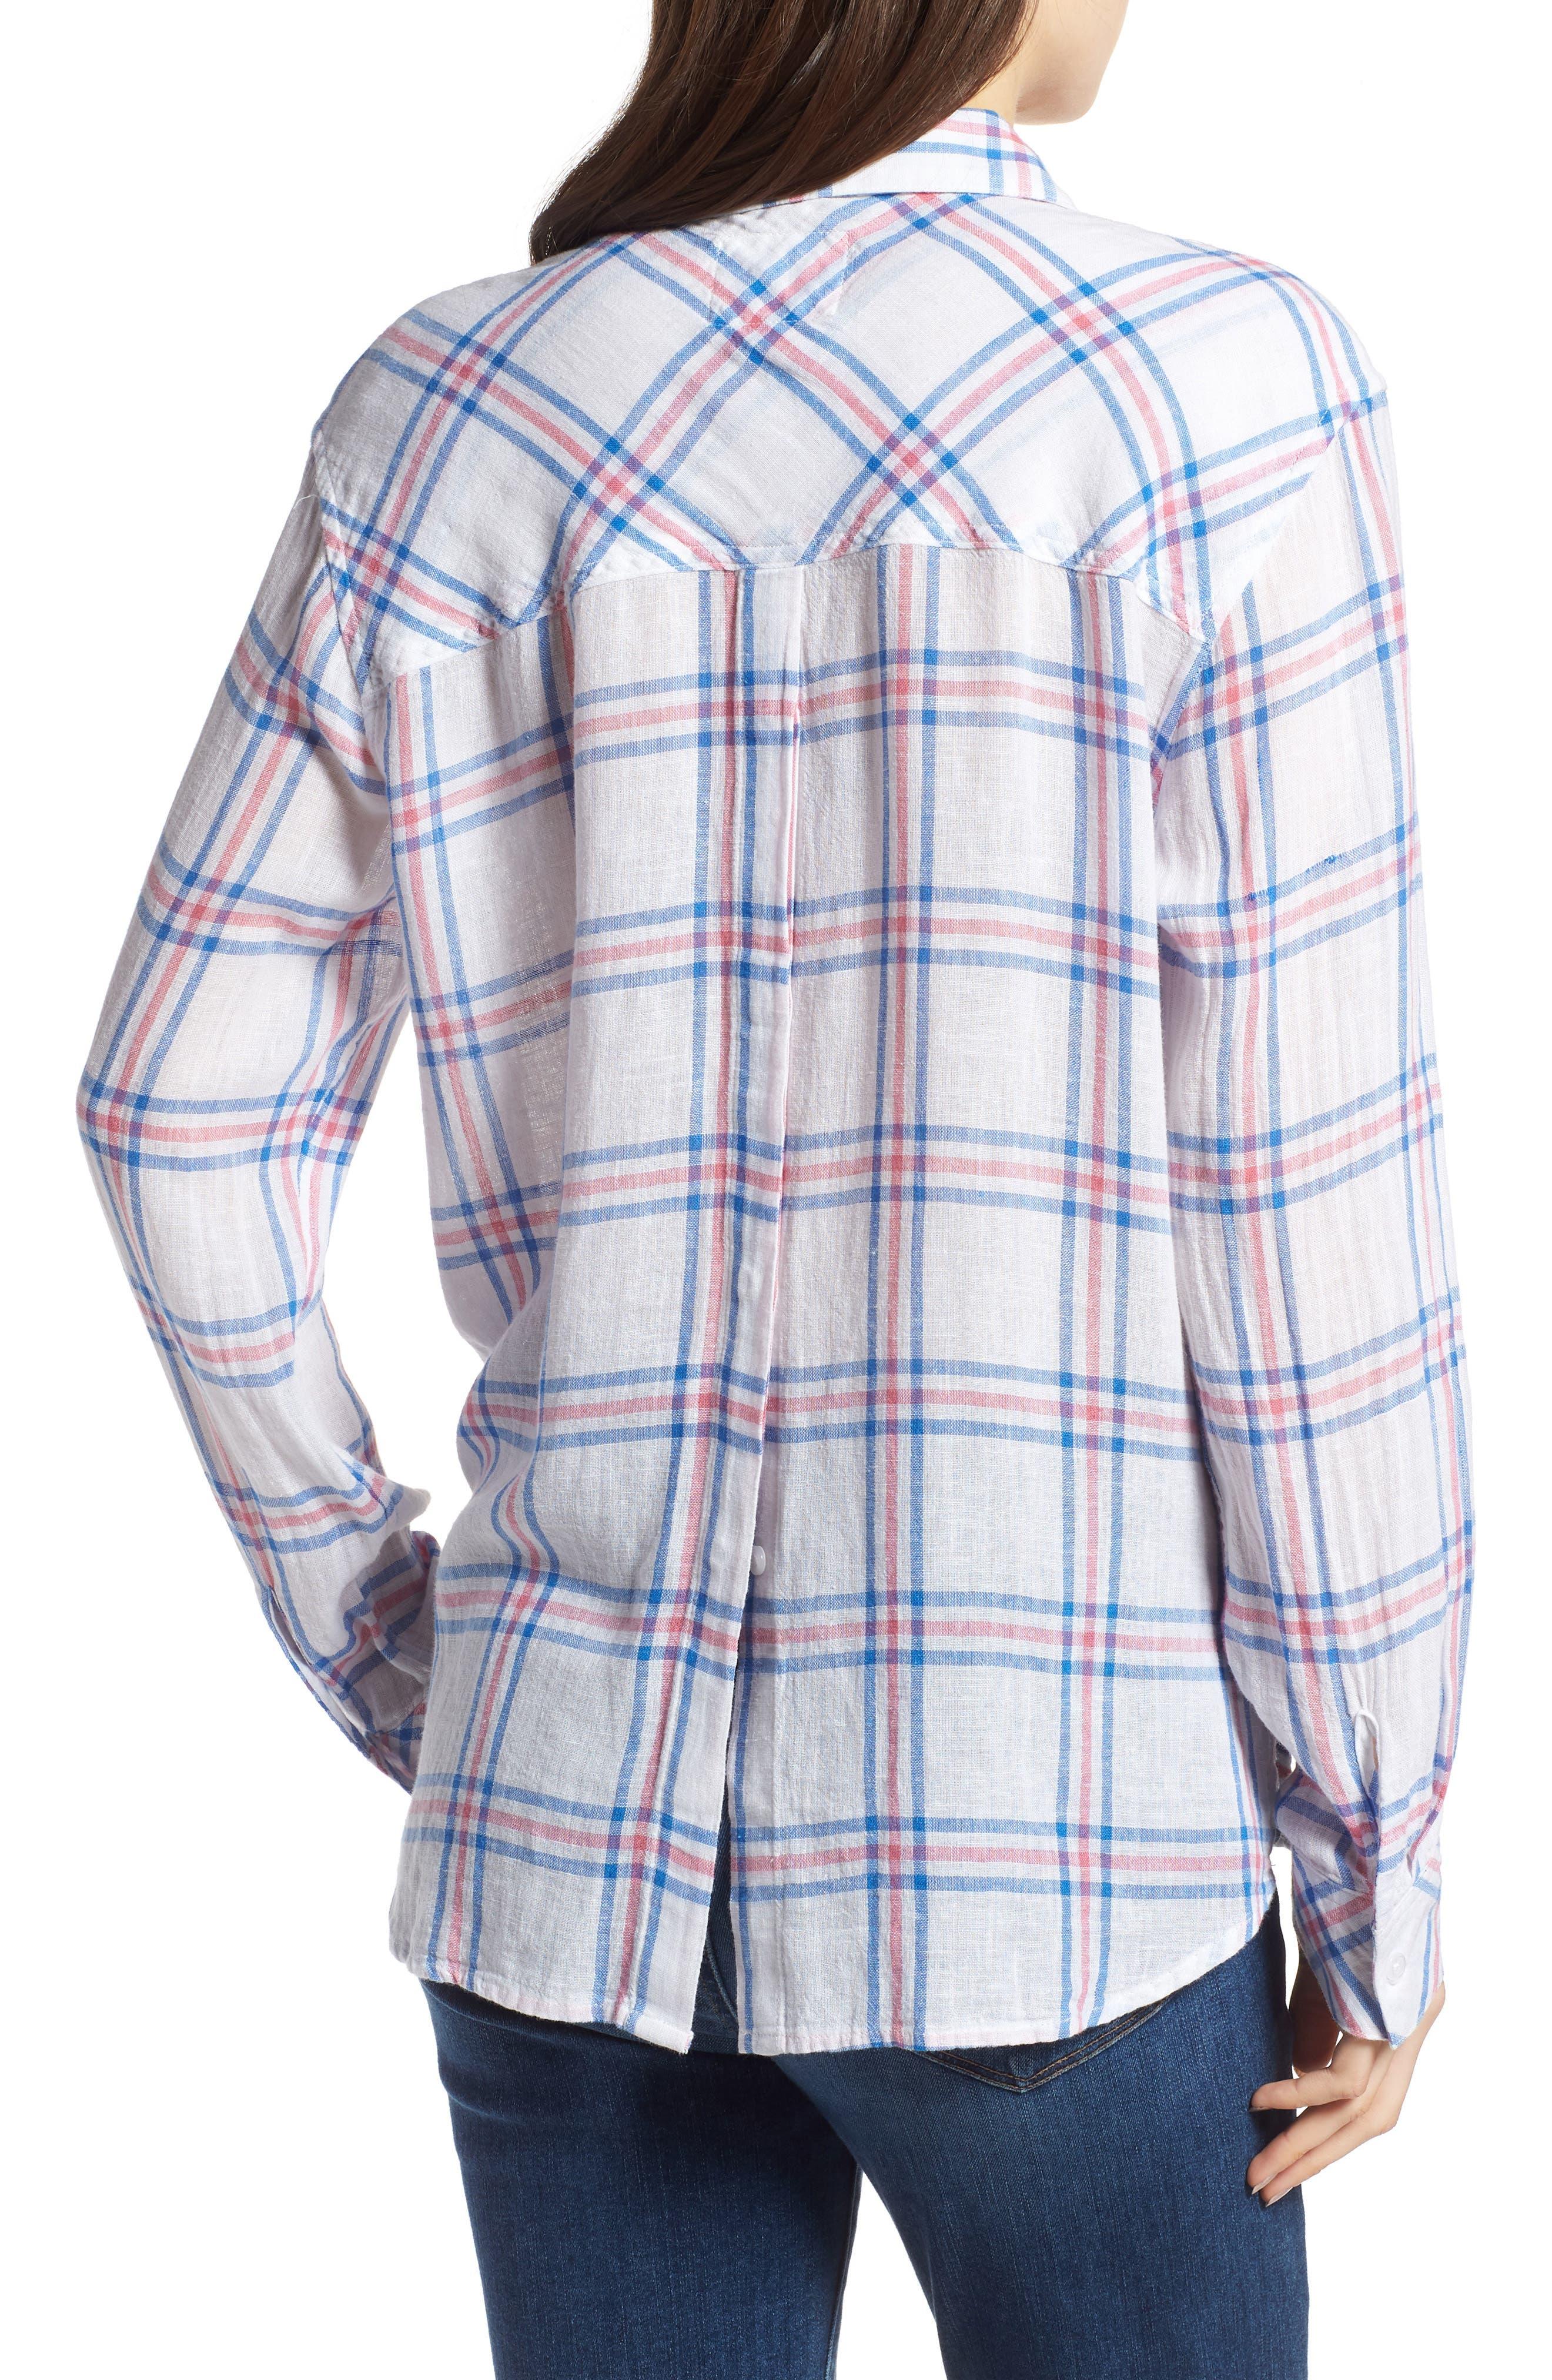 Sydney Stripe Shirt,                             Alternate thumbnail 2, color,                             Raspberry Azure White